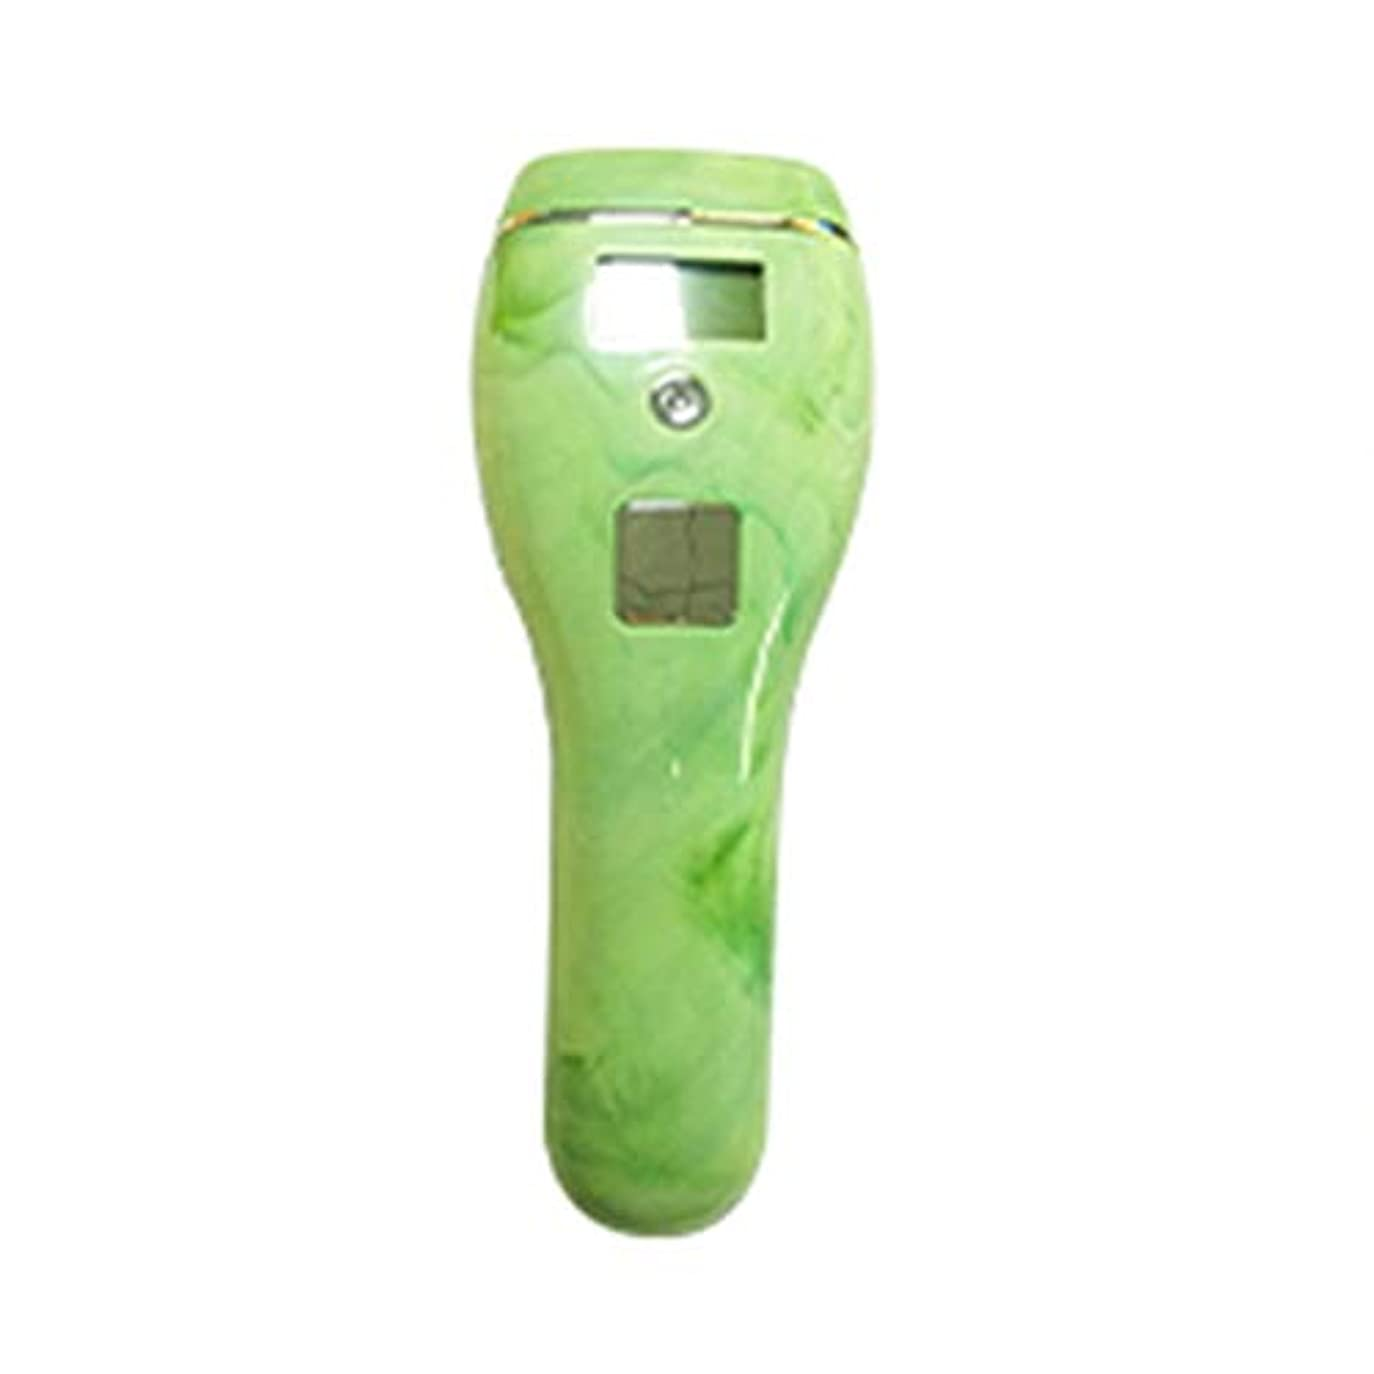 主要なあいまいさ害自動肌のカラーセンシング、グリーン、5速調整、クォーツチューブ、携帯用痛みのない全身凍結乾燥用除湿器、サイズ19x7x5cm 髪以外はきれい (Color : Green)